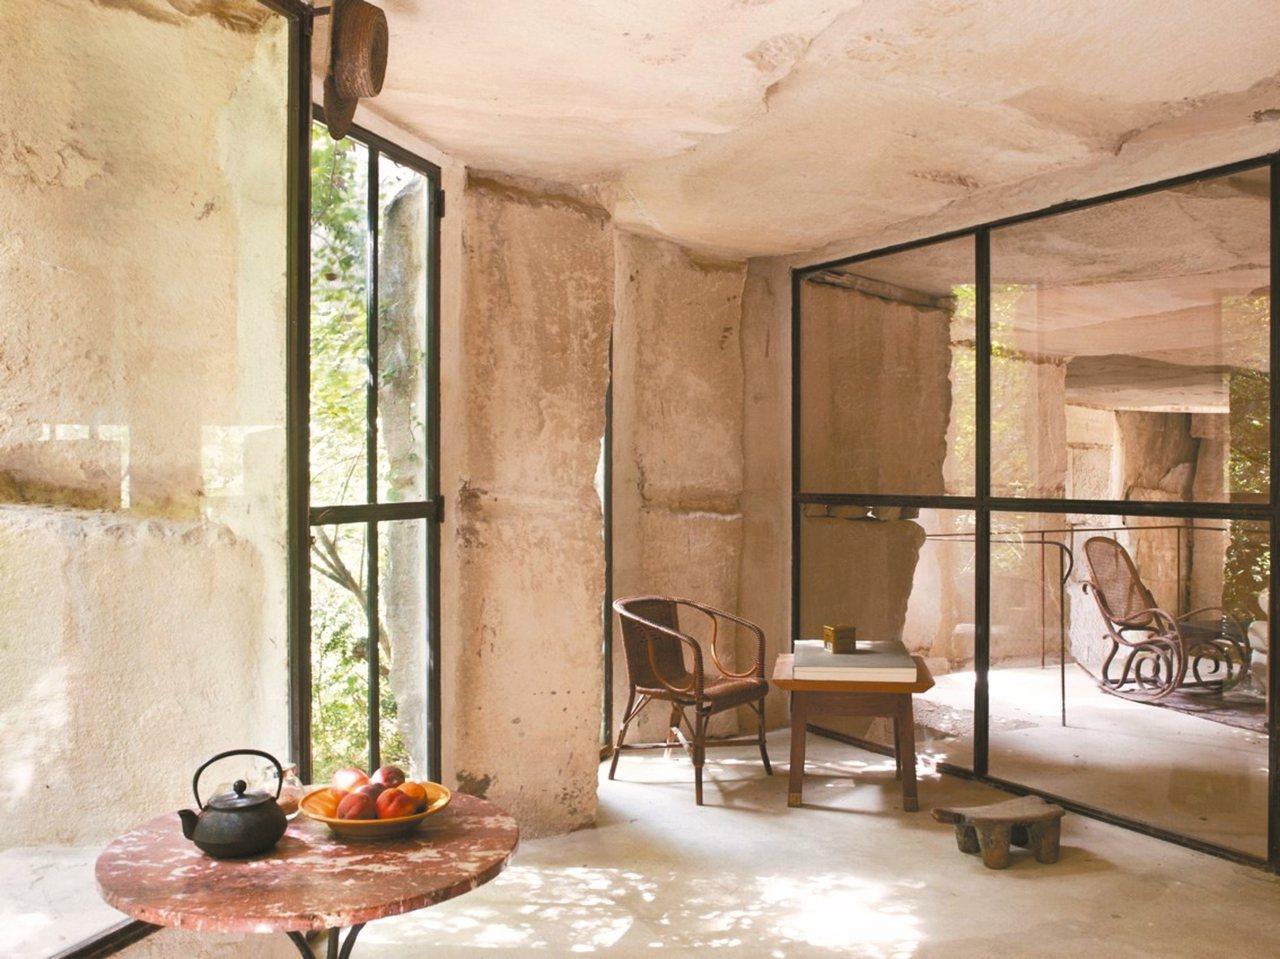 法國前總統也去過的國際建築師現代石穴山居。 圖/有行旅提供